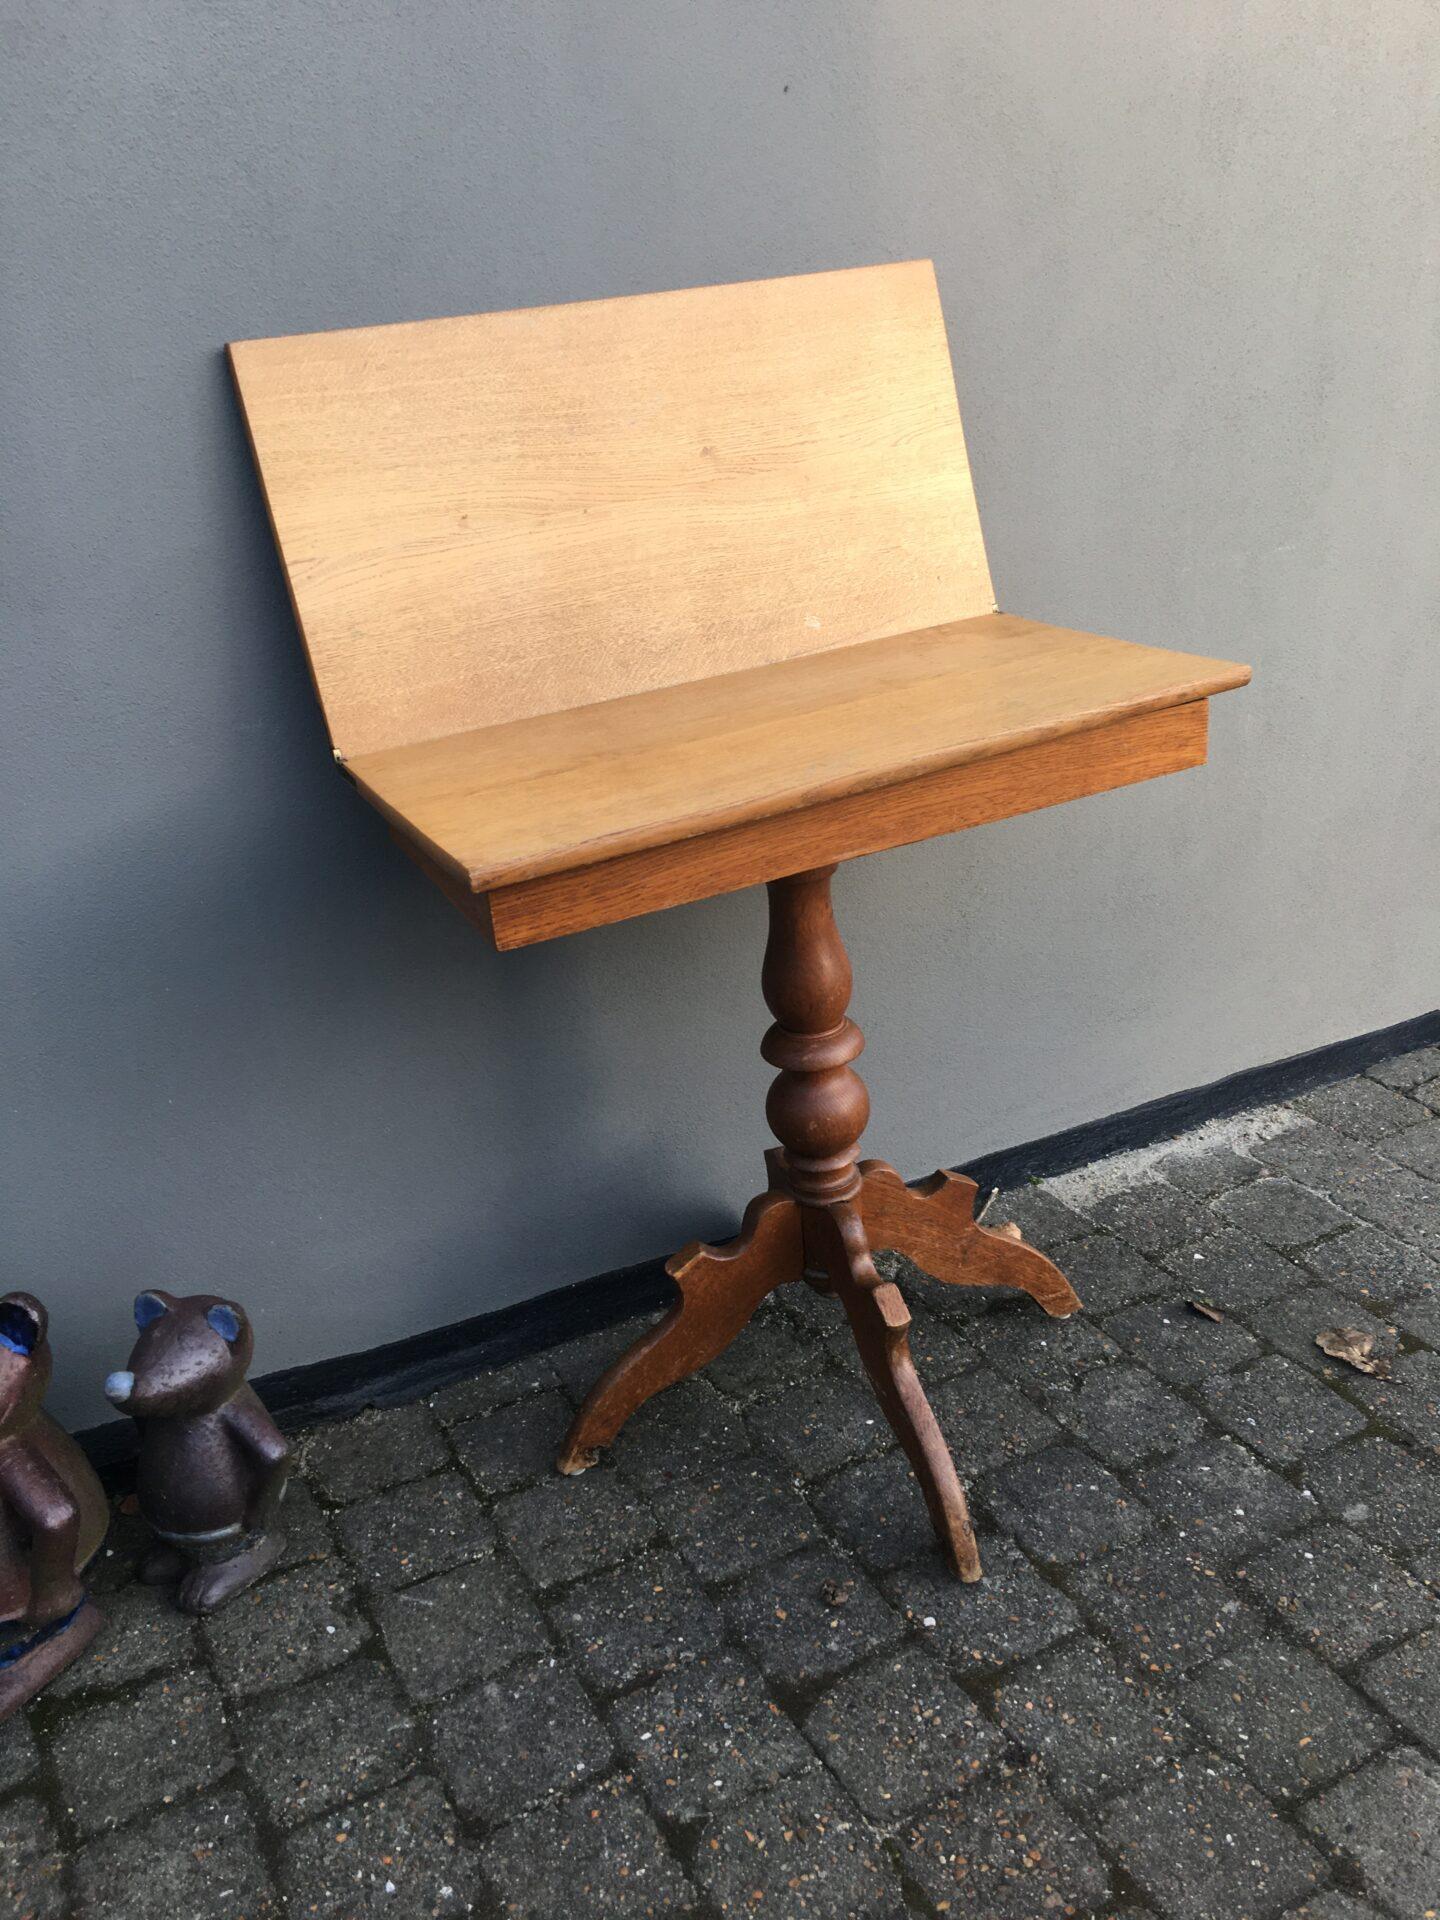 Lille spillebord/klapbord, egetræ, h= 80 cm, pris 400kr